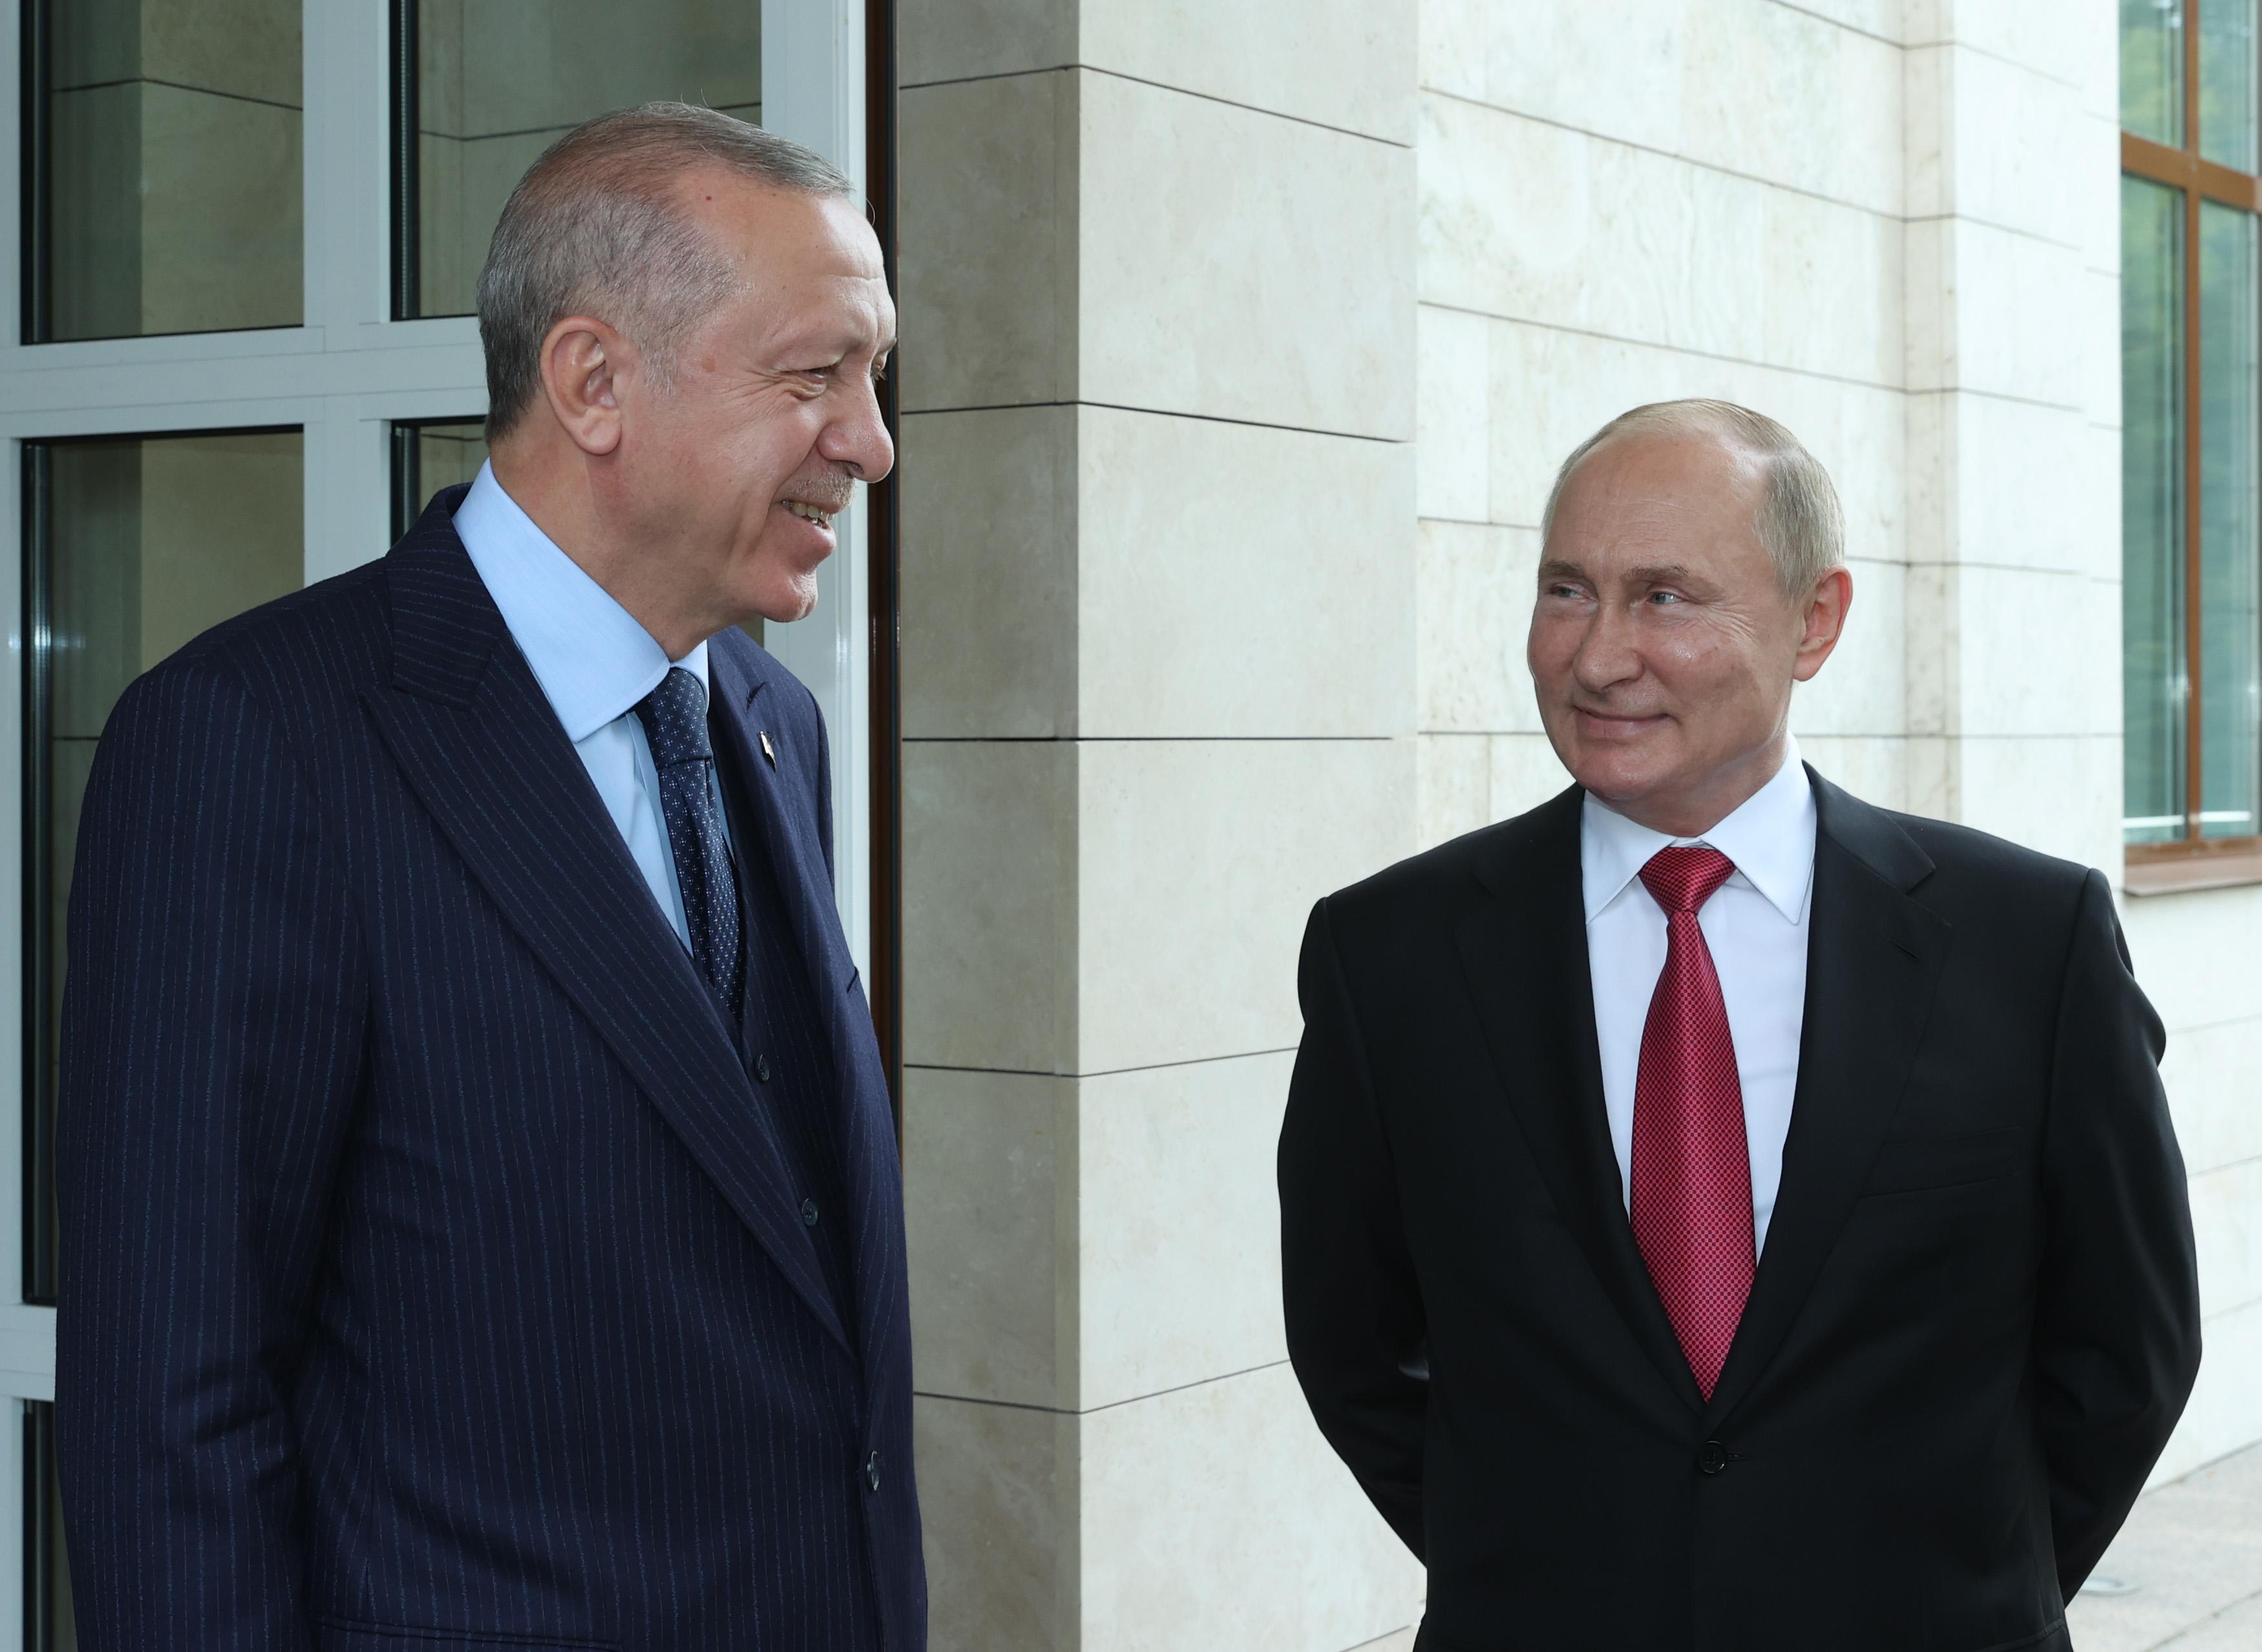 Rusko-Turski summit u Sočiju: Na stolu Sirija, Libija, Afganistan, Kavkaz i Balkan FAdZUuQWEAUFfjl?format=jpg&name=4096x4096